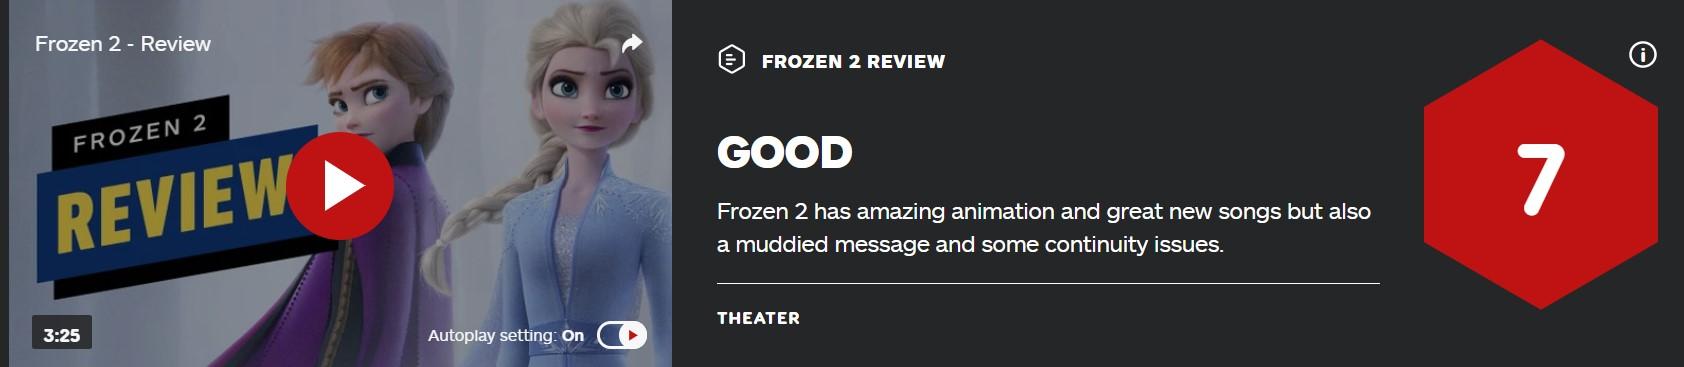 《冰雪奇缘2》IGN 7分:动画超赞新歌超棒 但问题不少